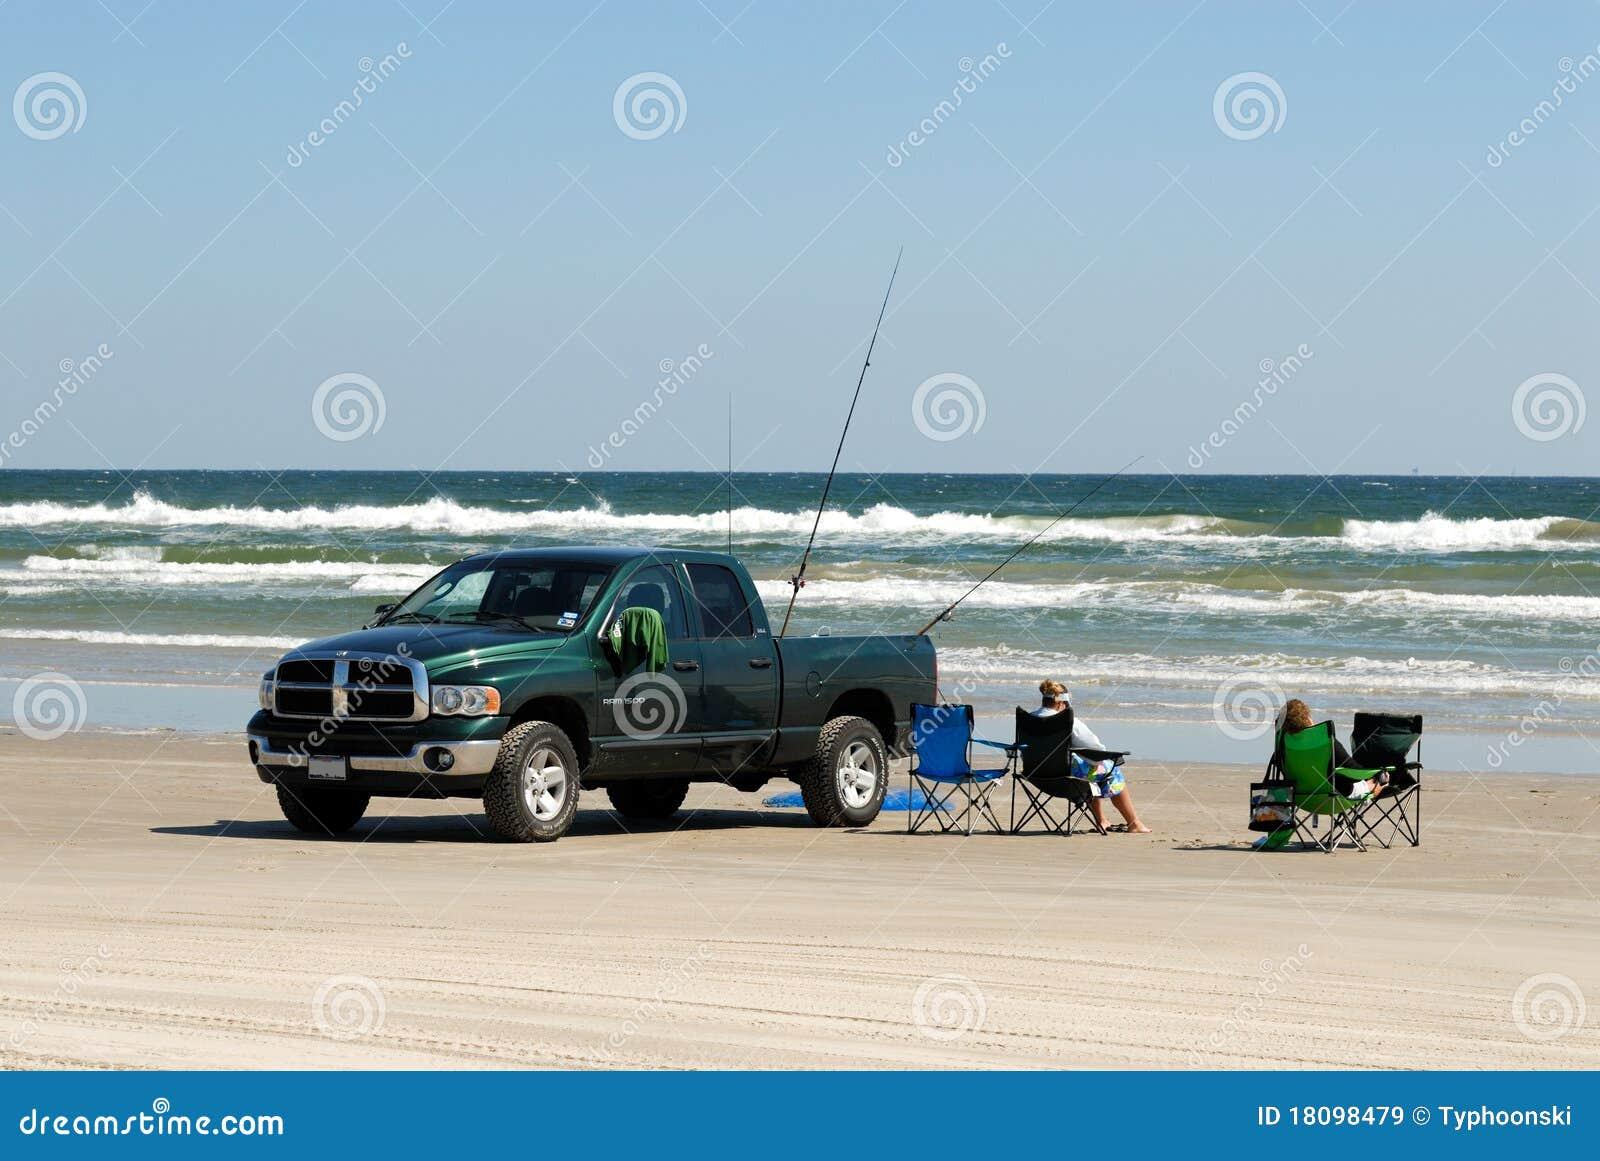 beach pickup